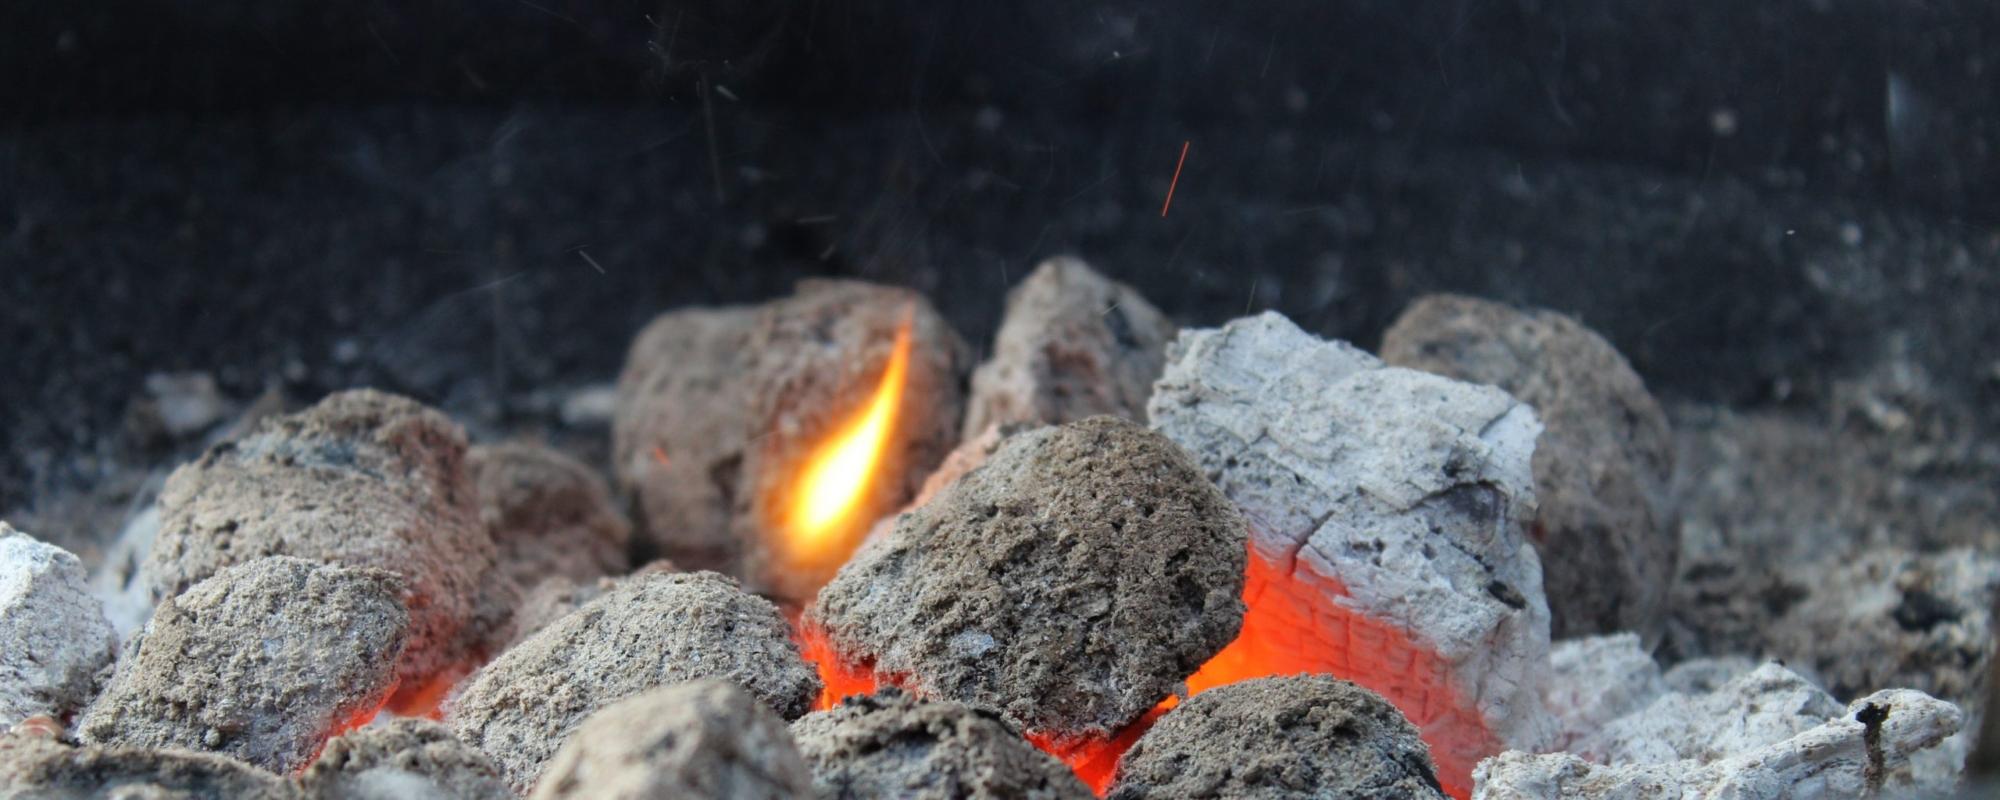 Bilden visar grillkol som glöder på ett svart fat.